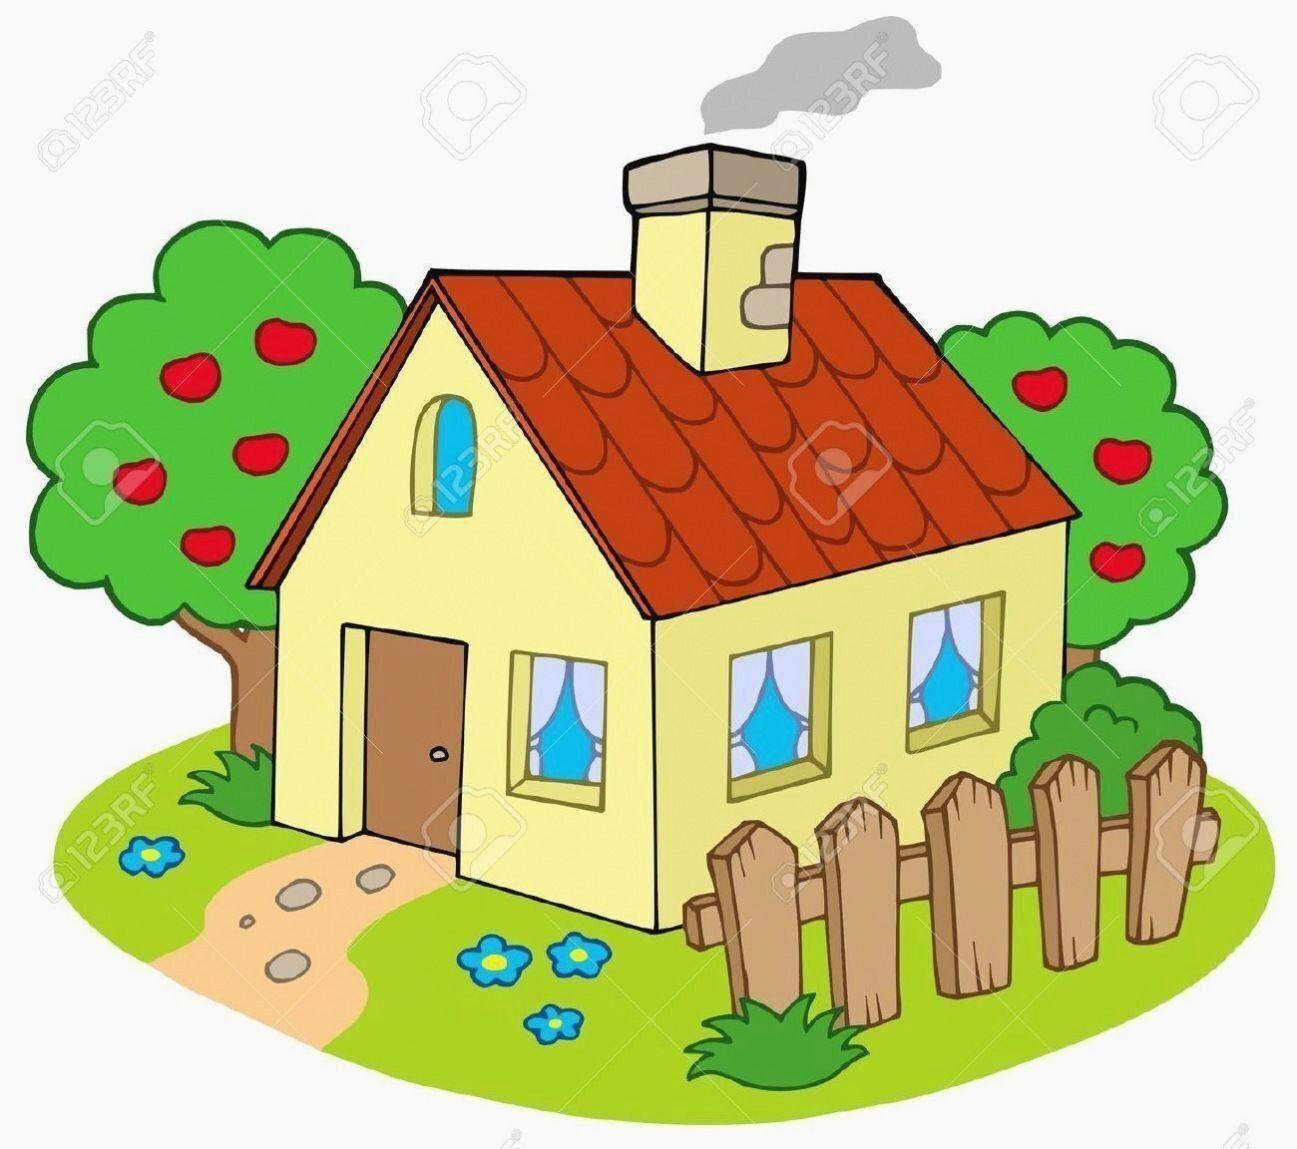 Haus Mit Garten Vektor Illustration Lizenzfreie Cliparts In 2020 Cartoon Haus Haus Und Garten Kinder Zeichnen